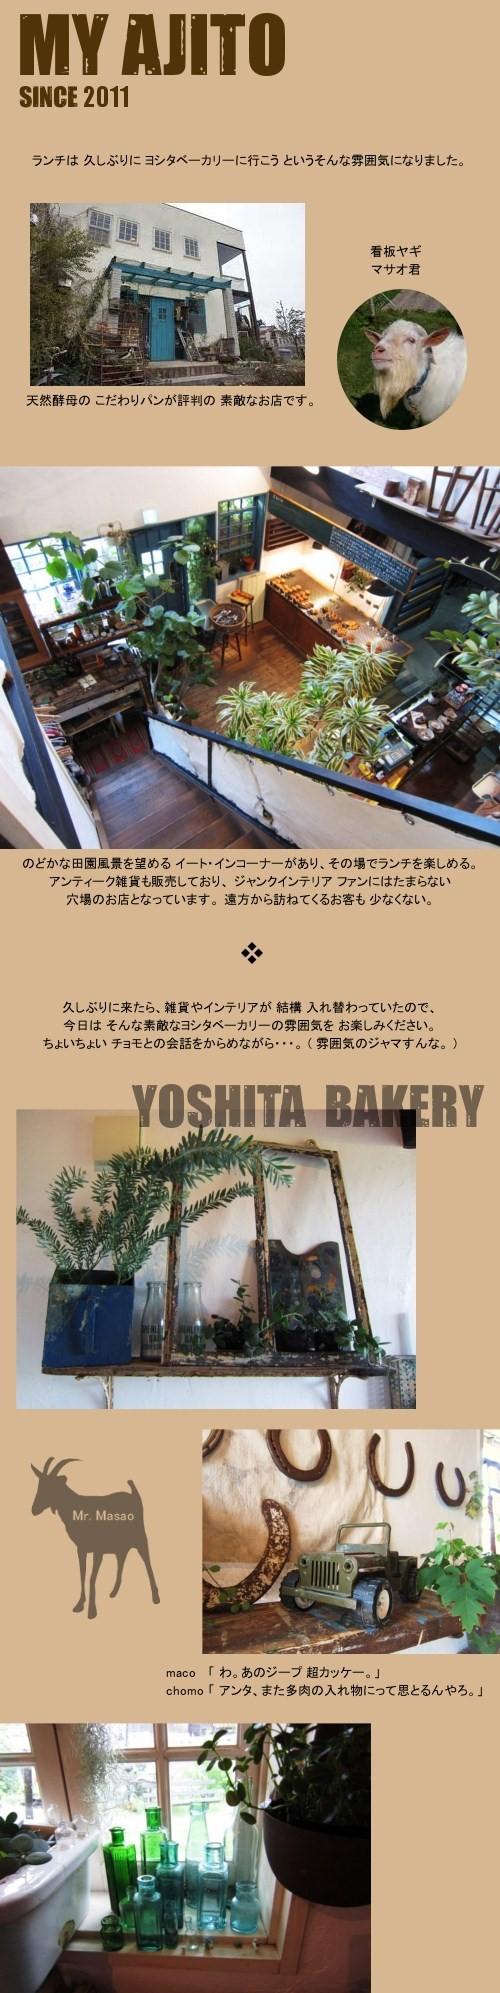 chomo_yoshita_3.jpg